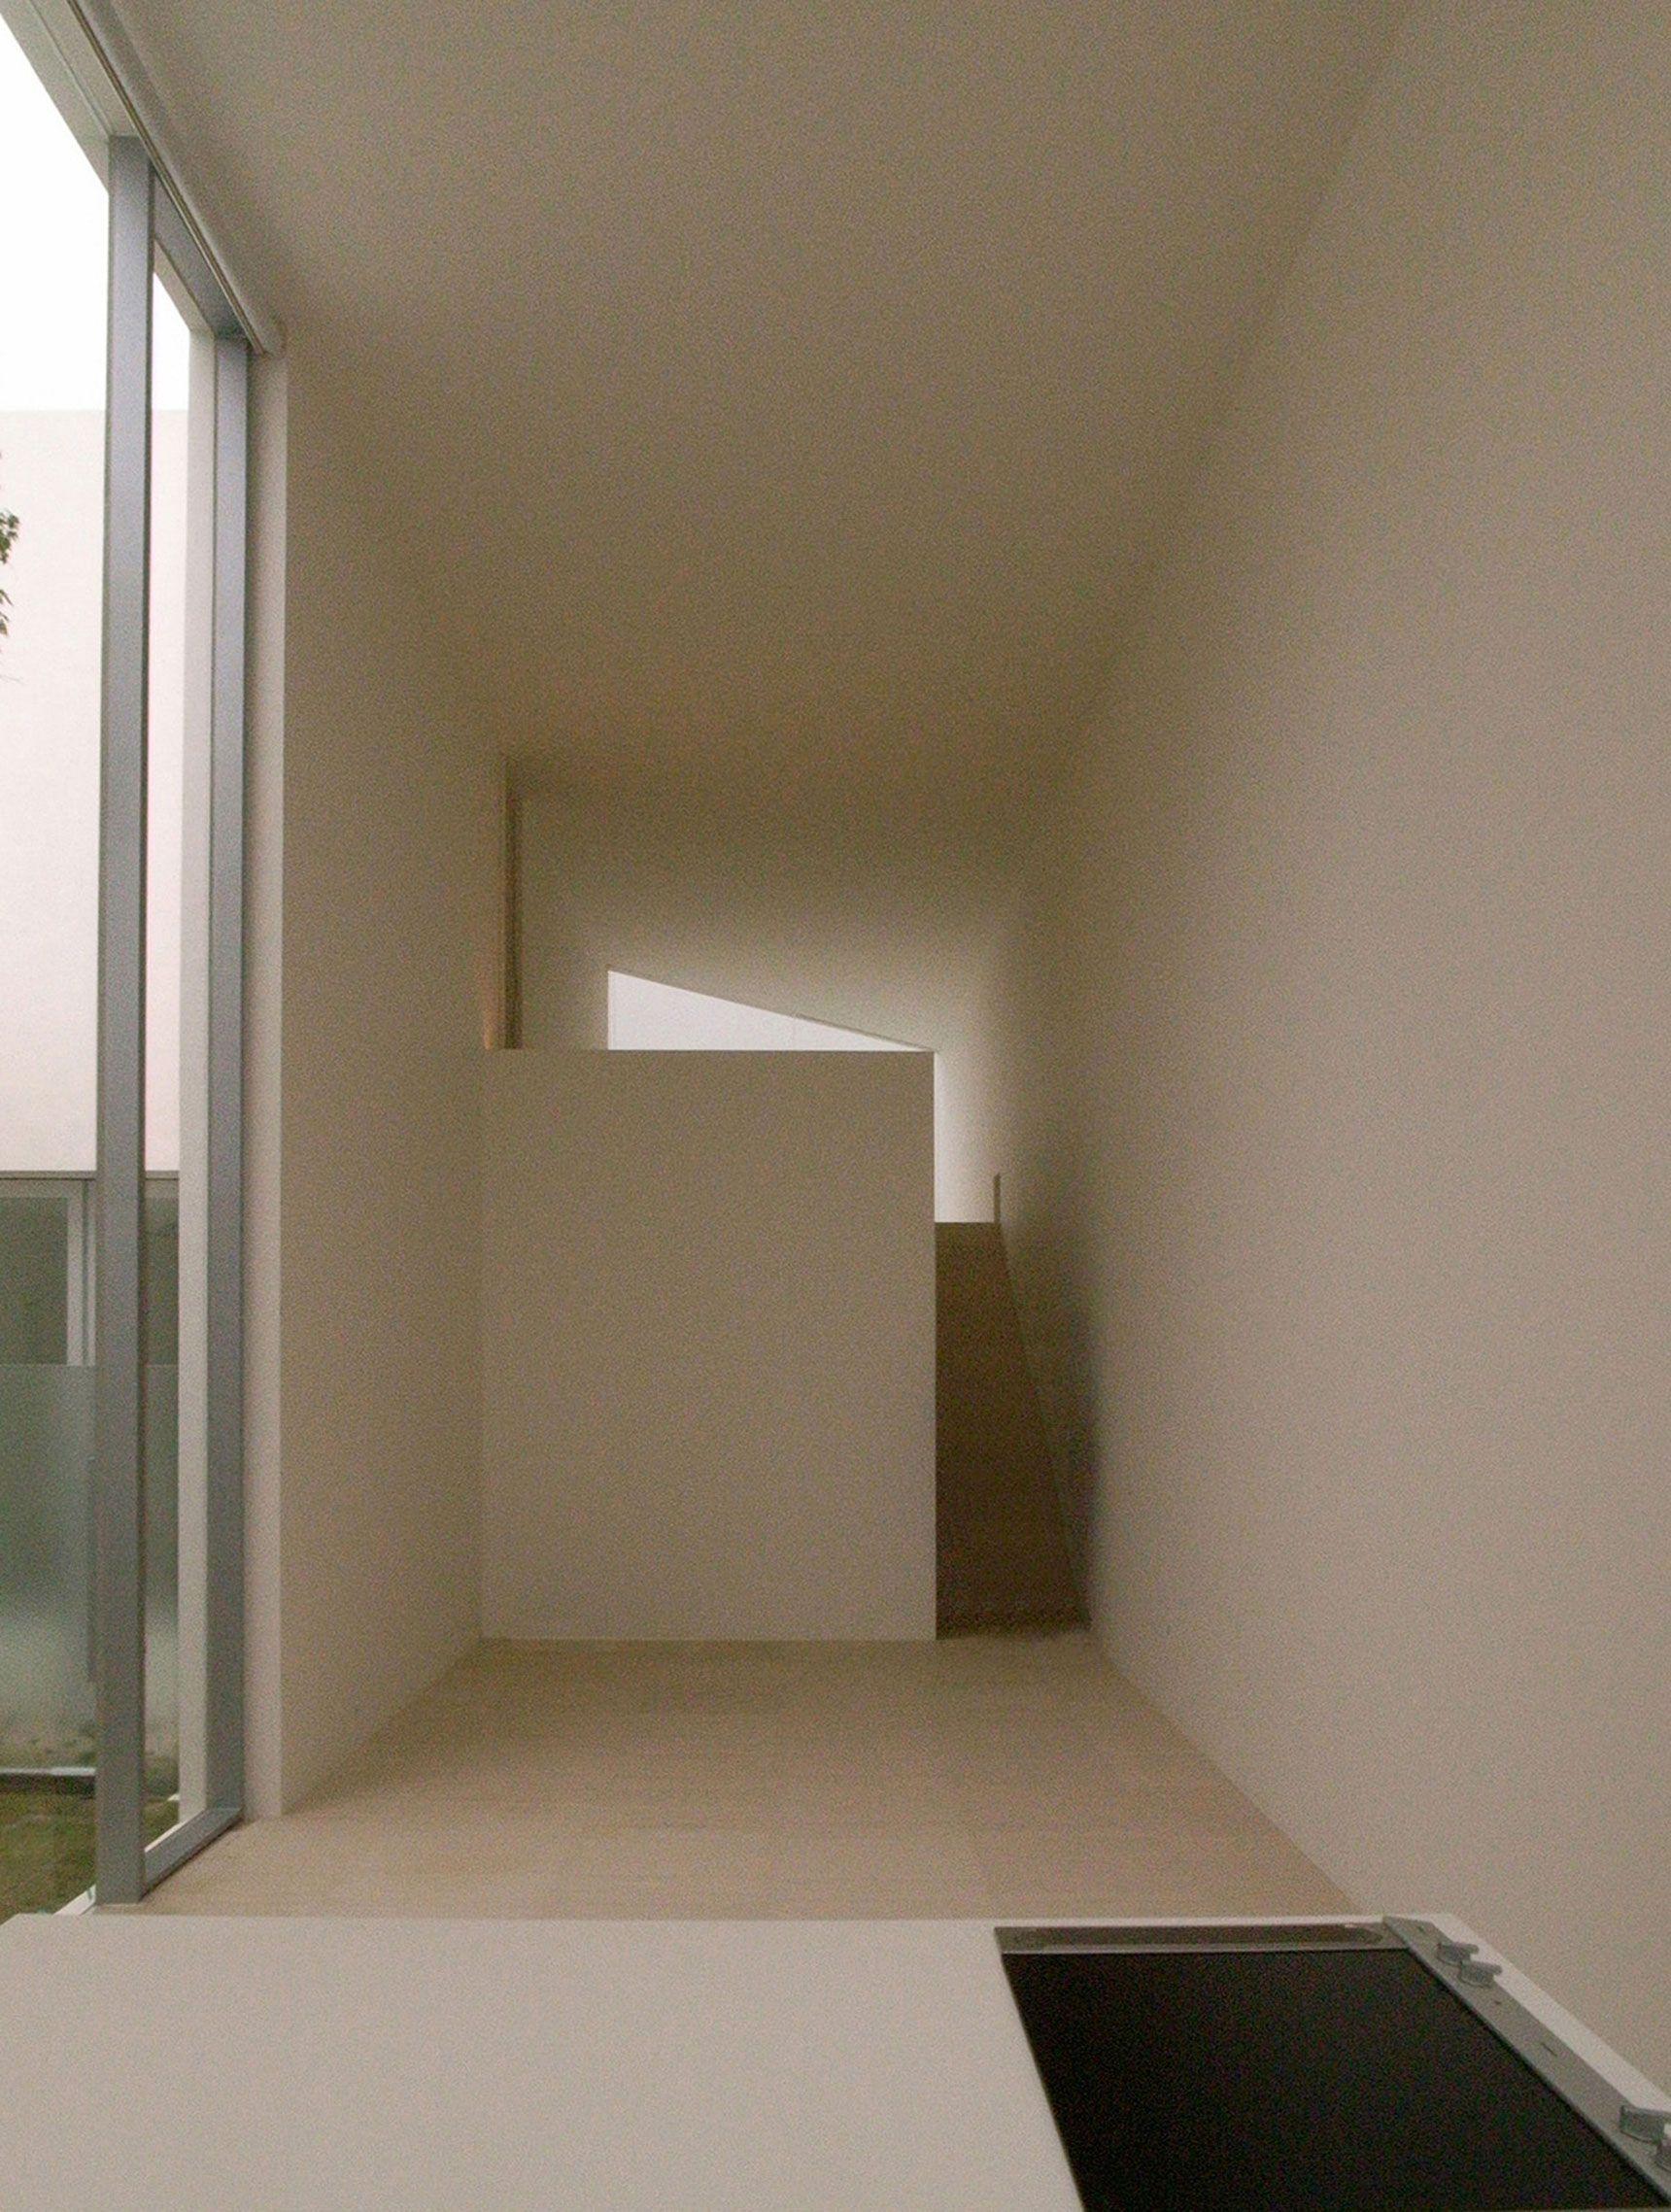 Void House 小川晋一都市建築設計事務所 建築設計事務所 設計事務